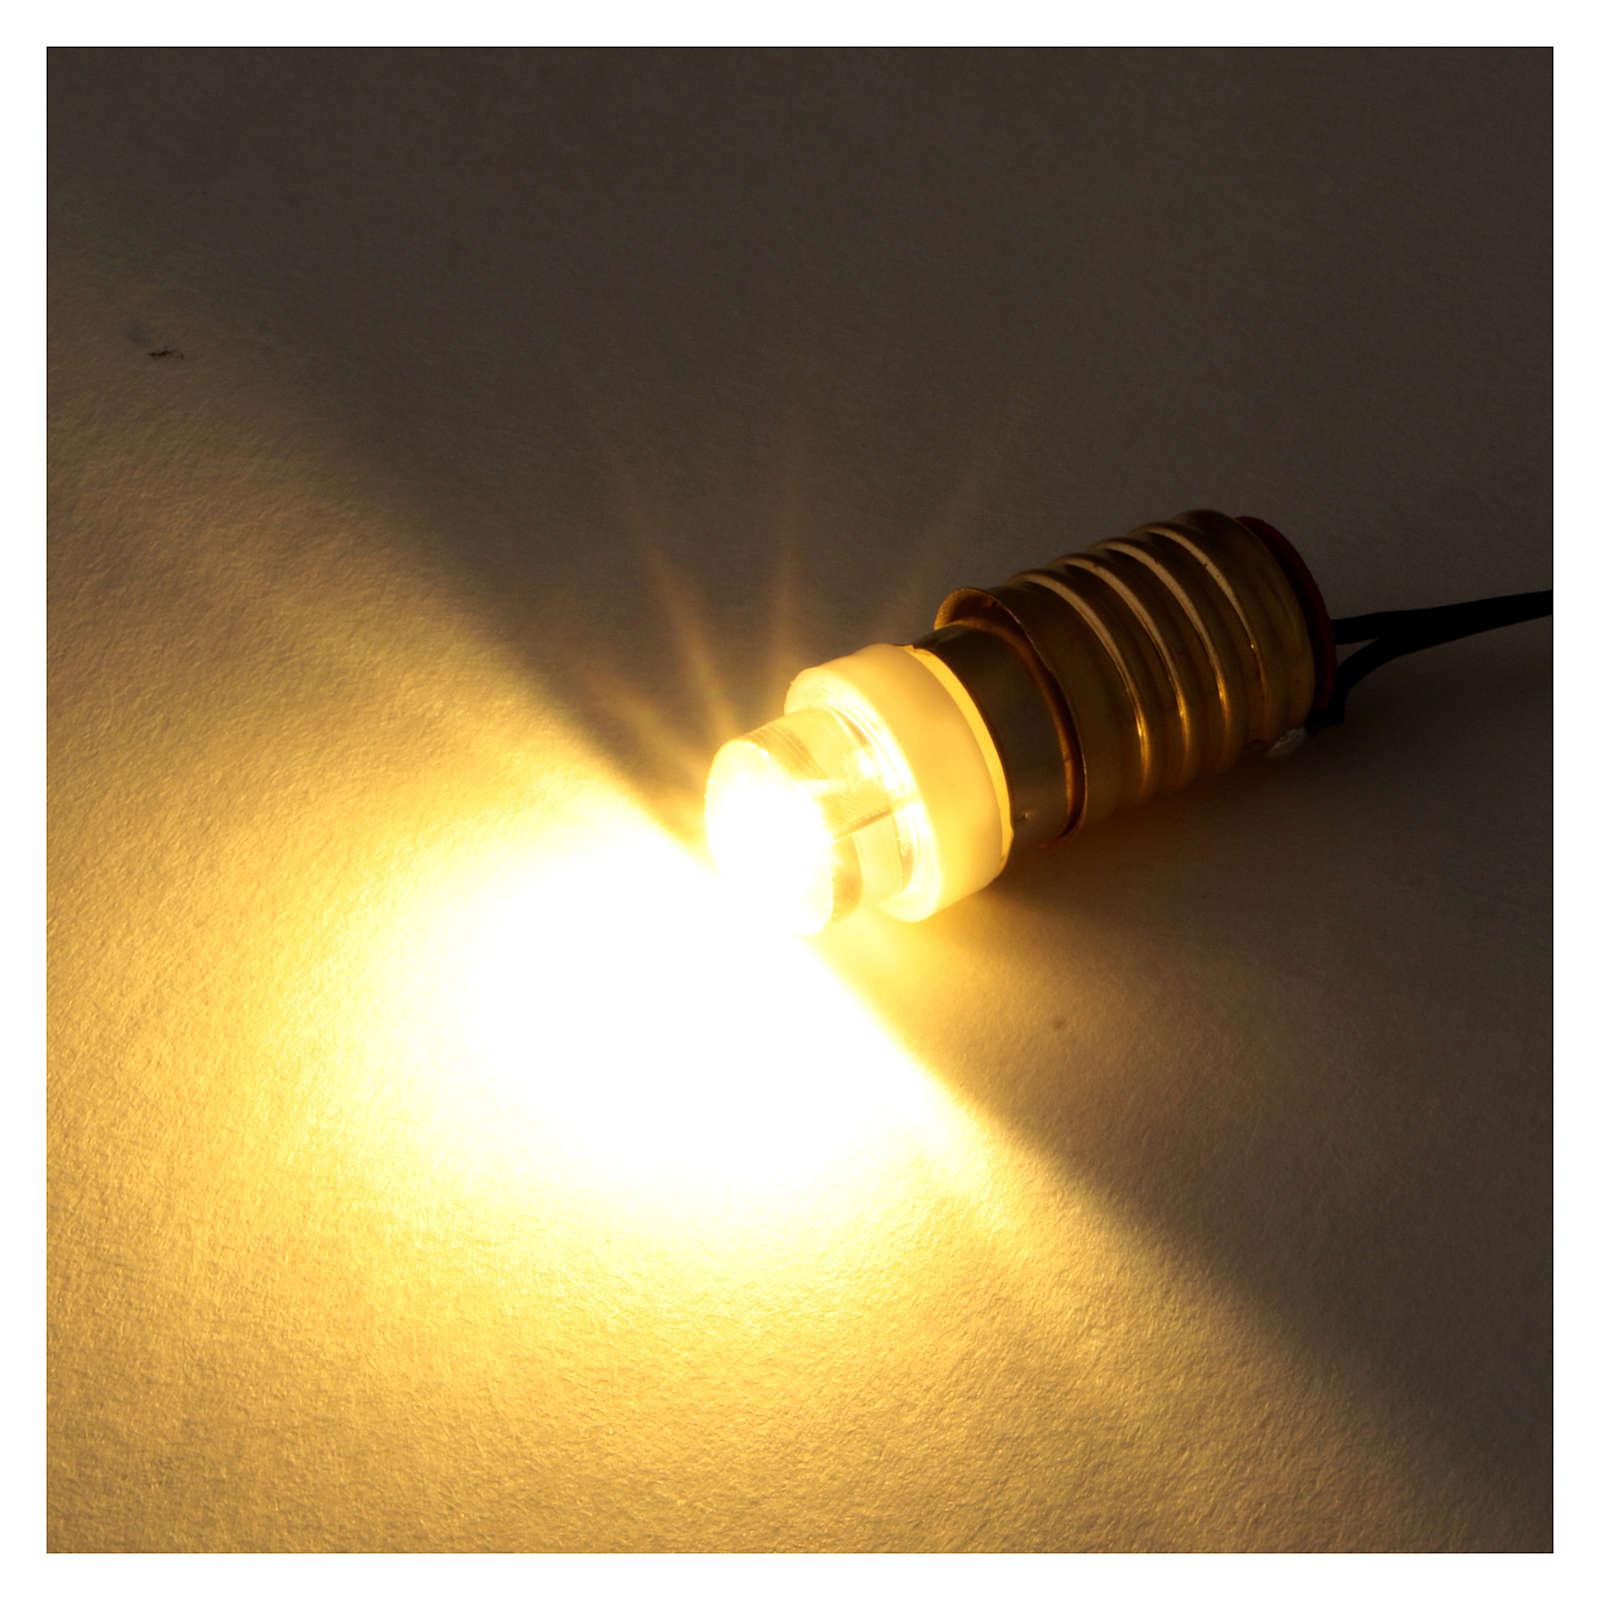 LED lâmpada branca com cabo de baixa tensão 4